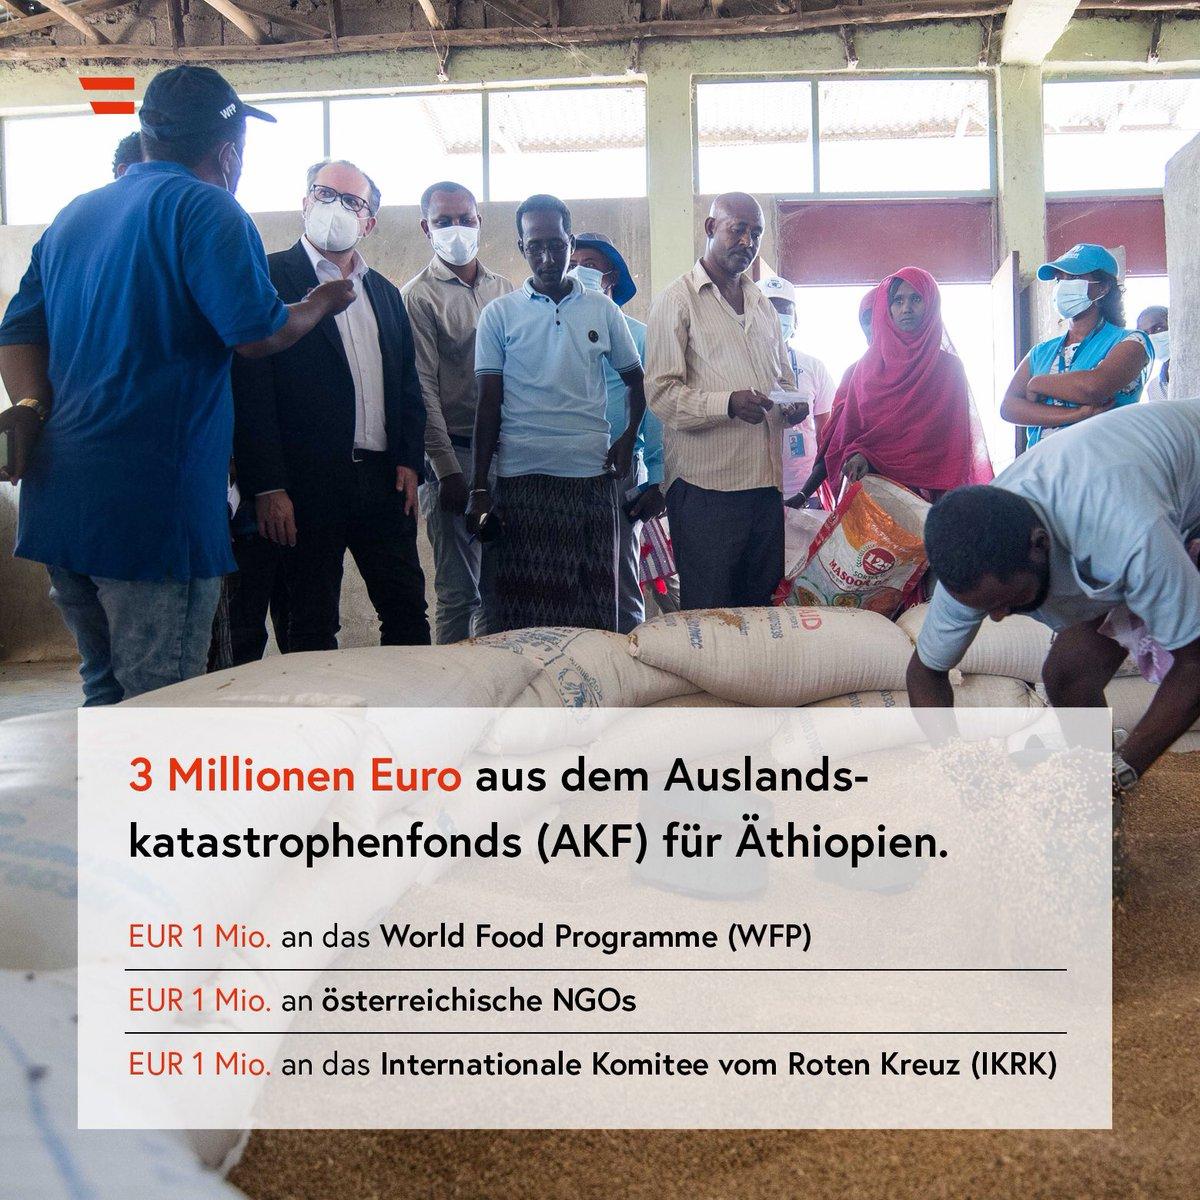 """FM #Schallenberg: """"Die große Anzahl an Flüchtlingslagern in Äthiopien zeigt, wie viele Bruchstellen es in dieser Region gibt, die Menschen dazu zwingen, ihr Land zu verlassen. Umso wichtiger ist es, dass Österreich und die internationale Gemeinschaft auch weiterhin helfen.""""🇪🇹🤝🇦🇹"""